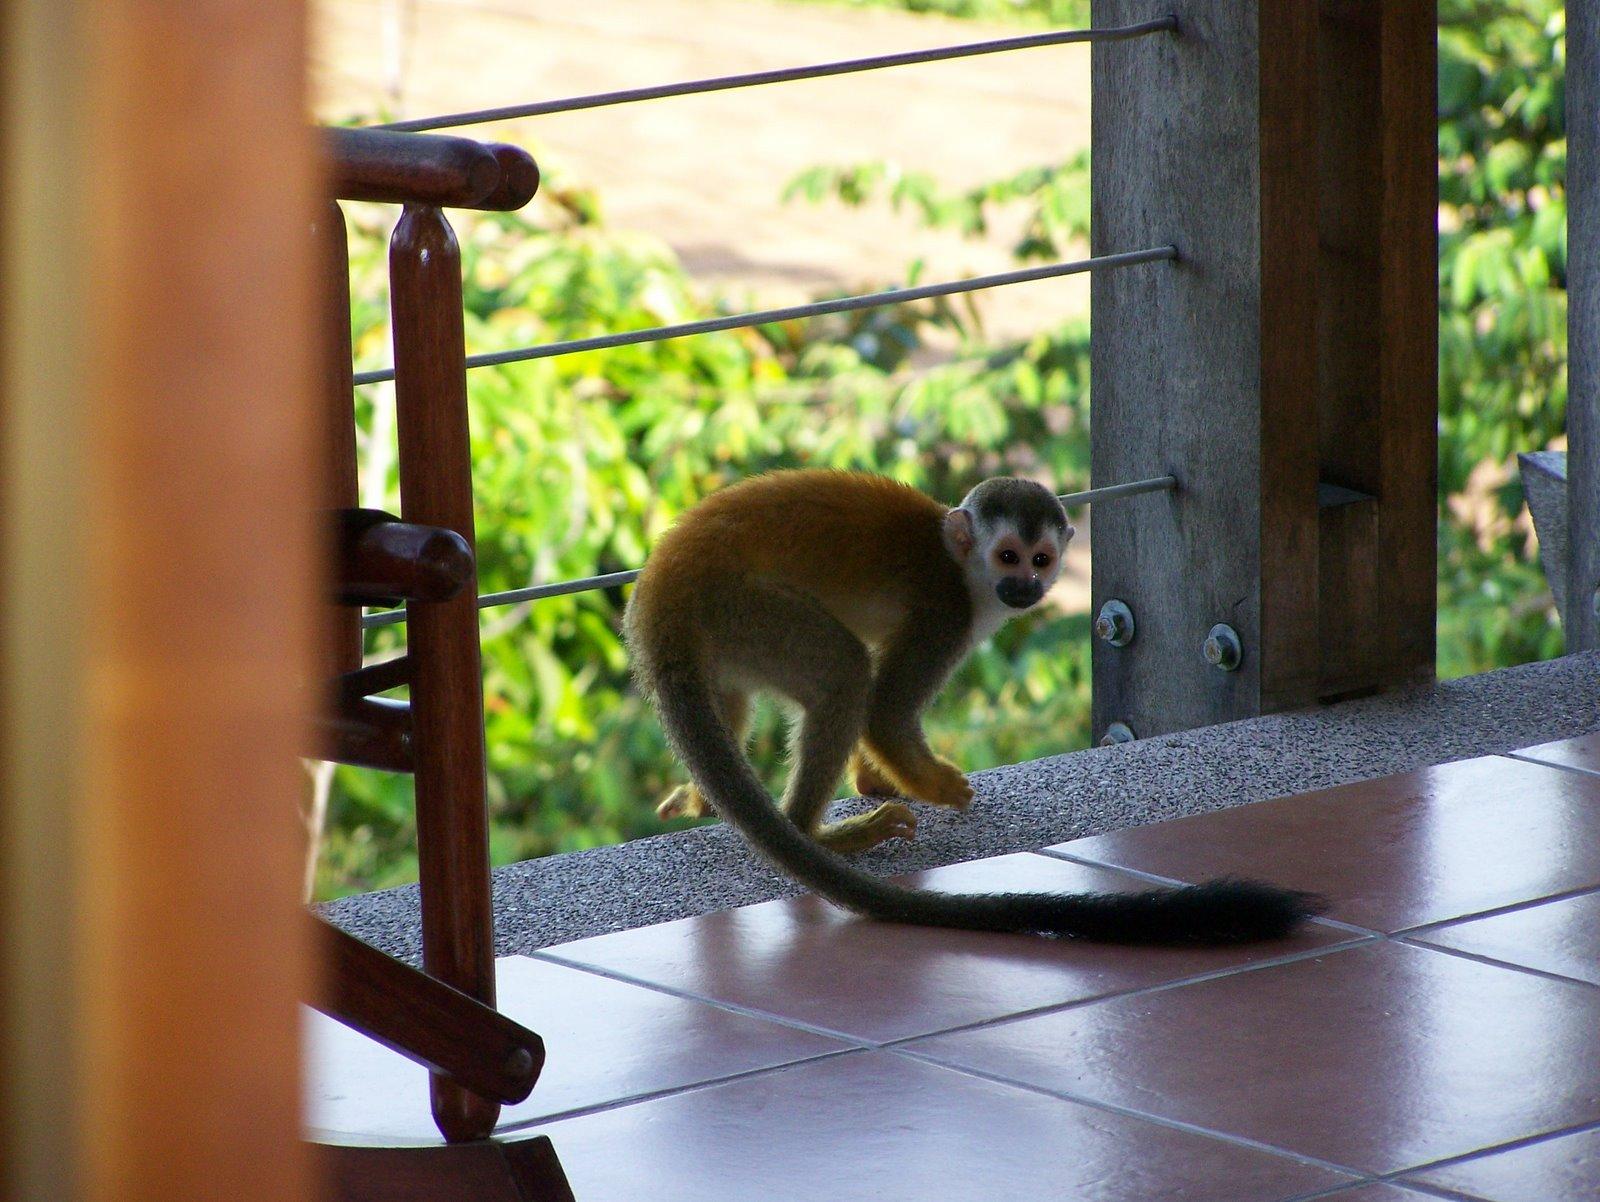 wild animals of american squirrel monkey